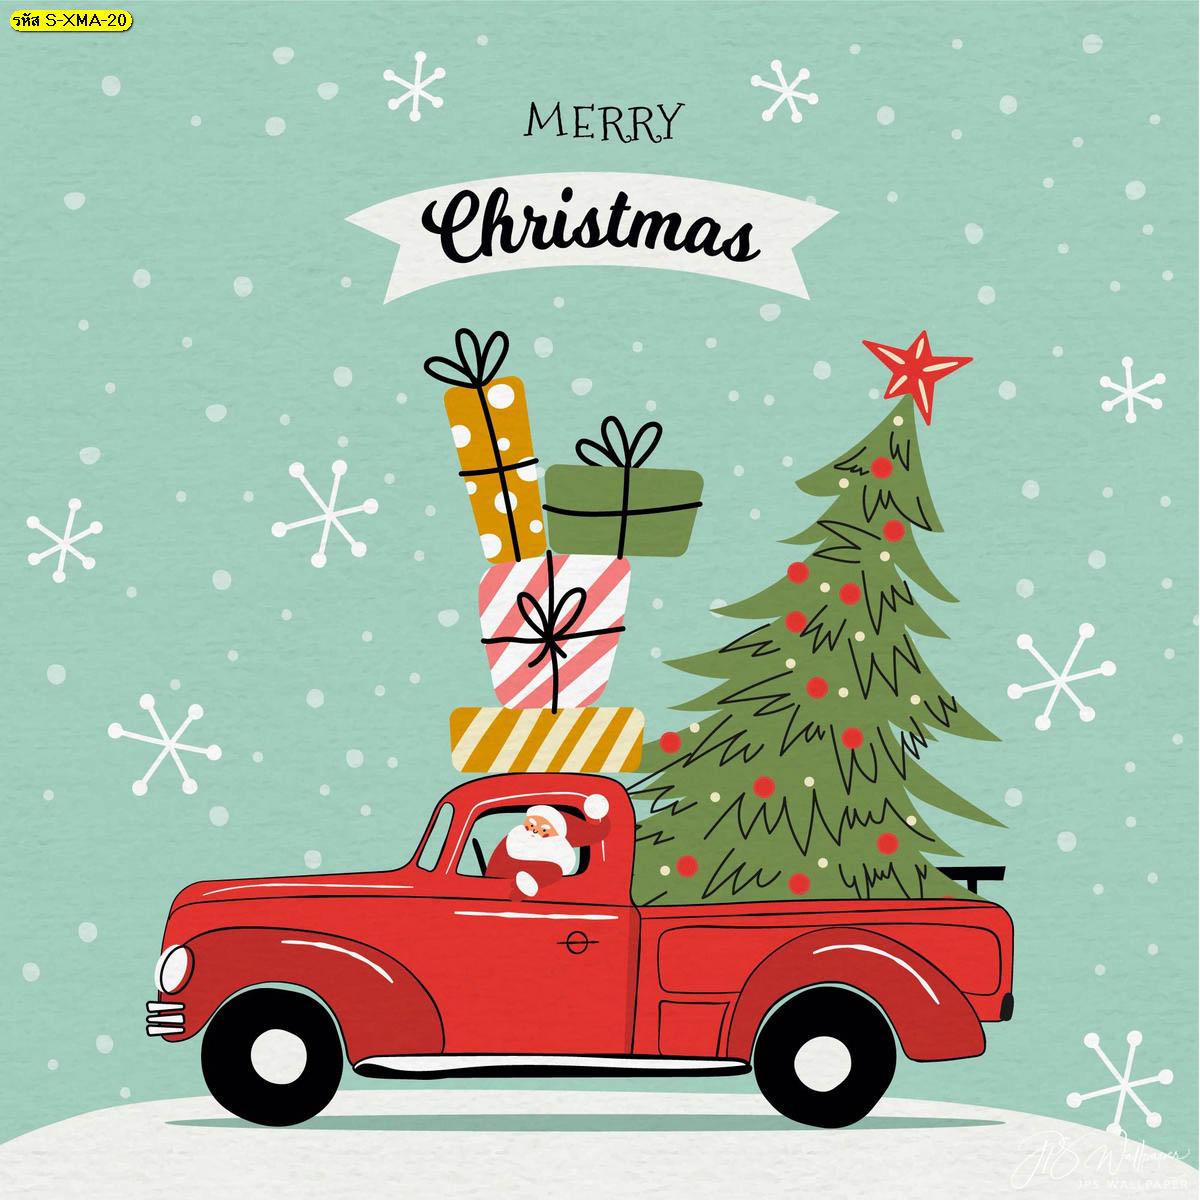 วอลเปเปอร์รถของขวัญซานตาคลอส แต่งบ้านรับเทศกาลคริสต์มาส